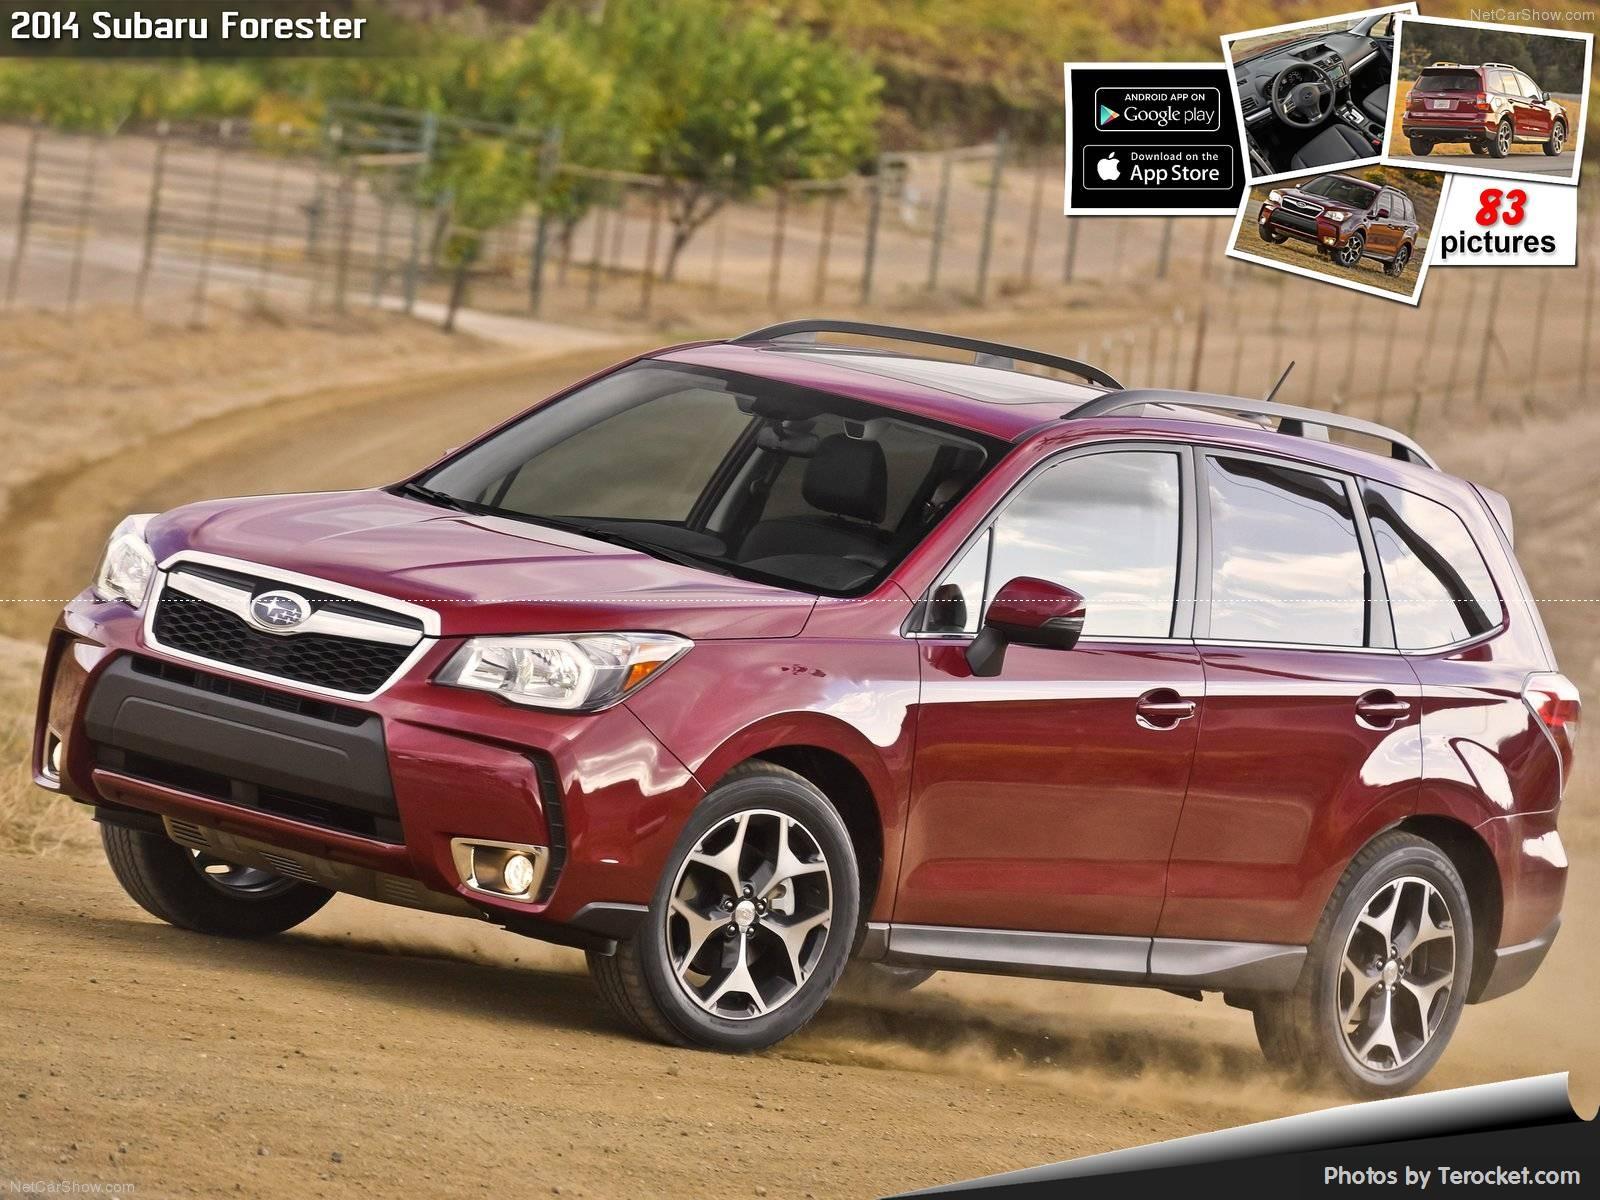 Hình ảnh xe ô tô Subaru Forester US-Version 2014 & nội ngoại thất